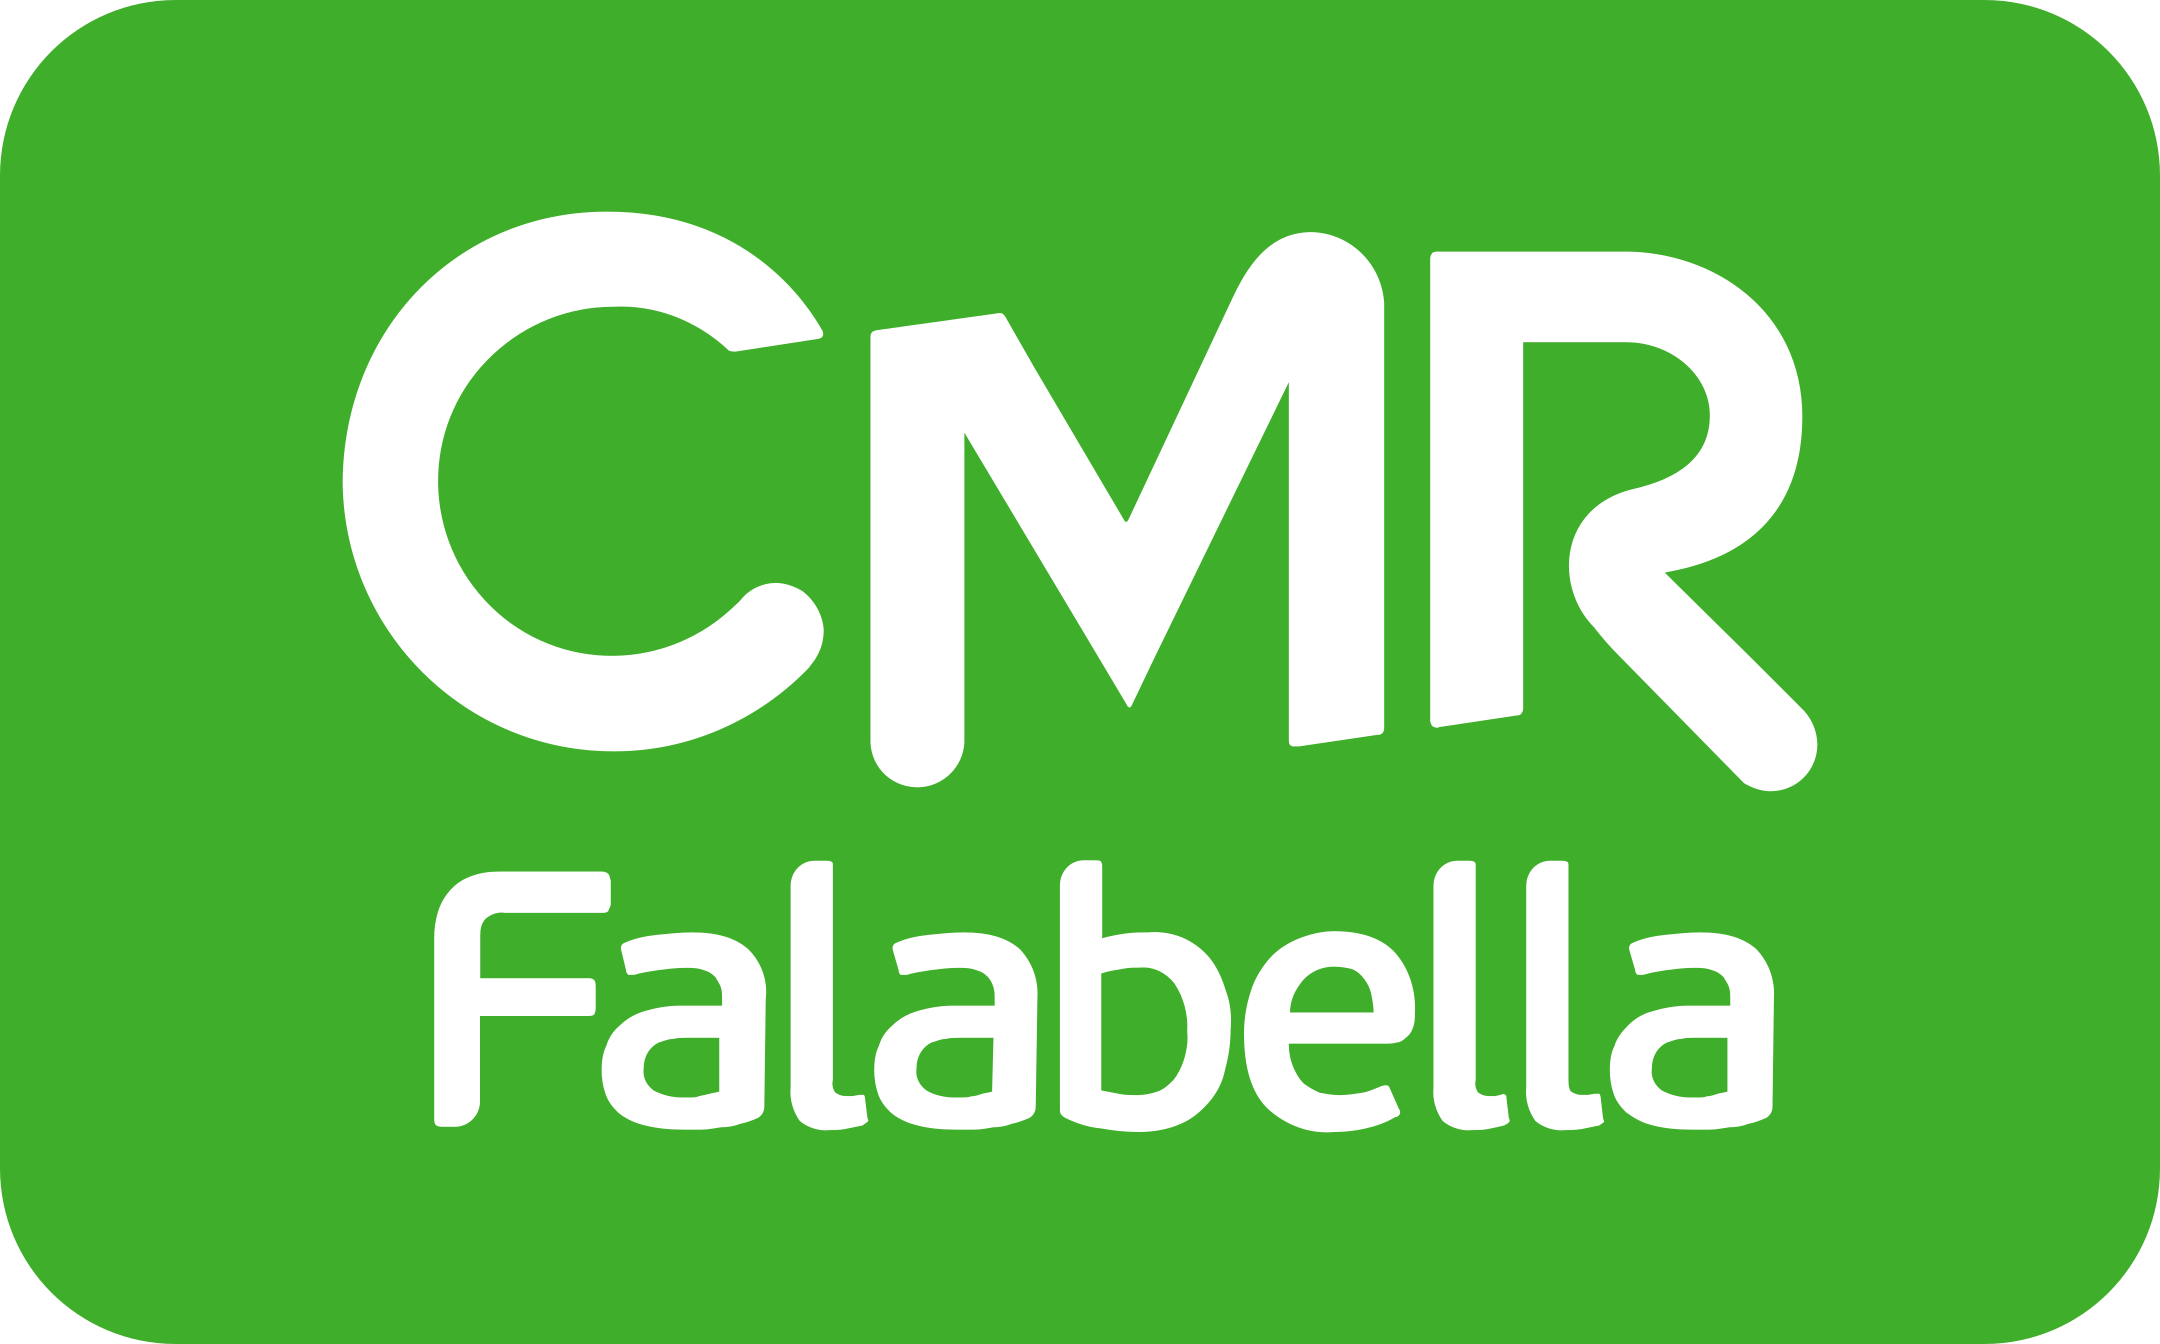 cmr falabella logo 2 - CMR Falabella Logo